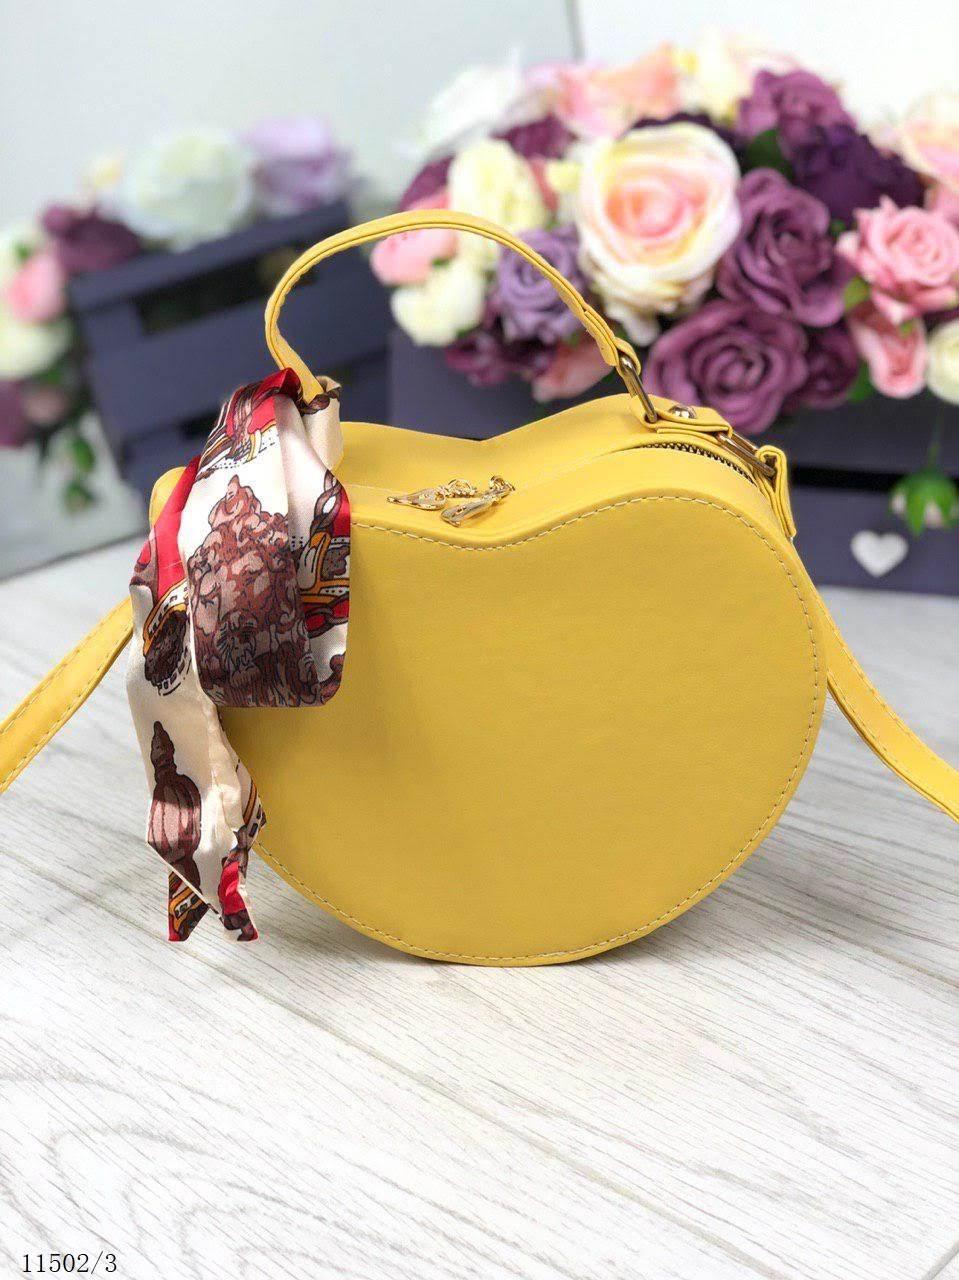 9bc7c30cb8eb Женская сумочка через плечо на длинном ремешке маленькая сумка кожзам желтая